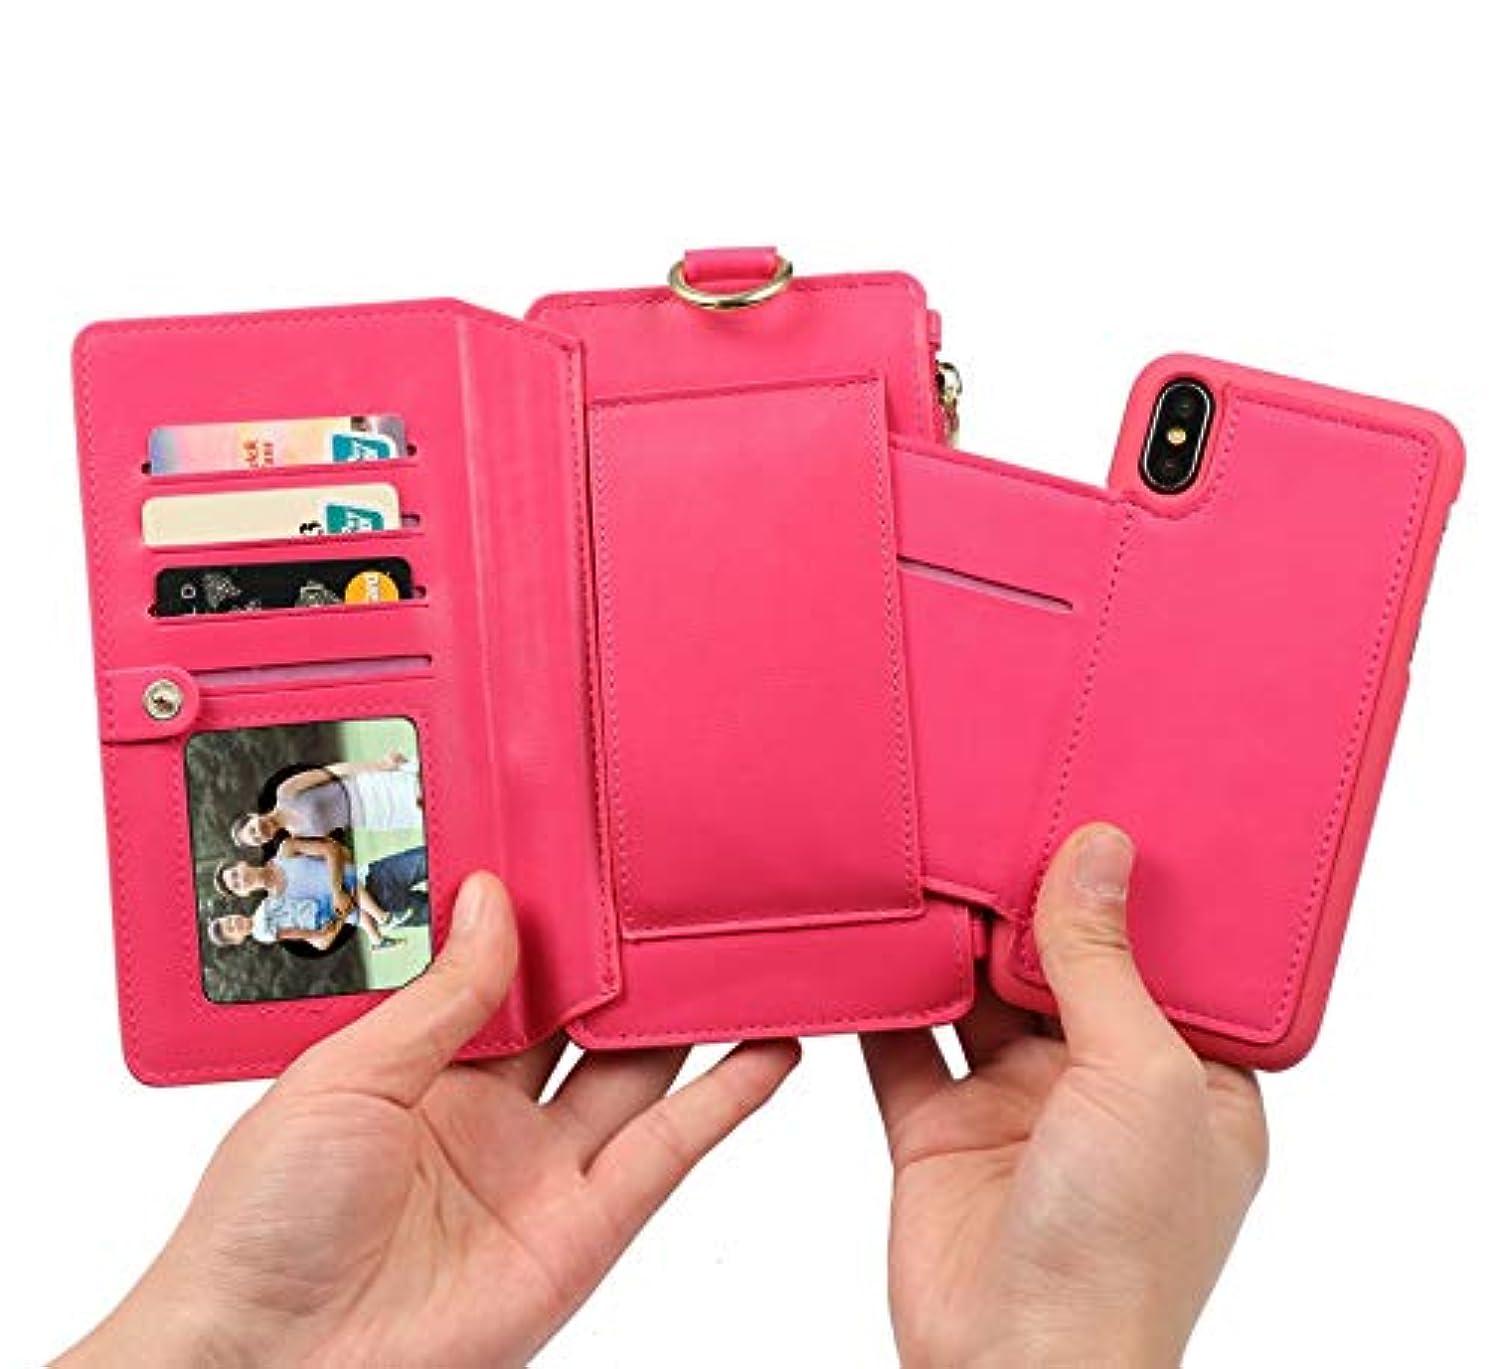 職業連帯のれんiPhone 8 Plus パソコンExit包保護套 - 折りたたみ保護袖 - 立ちブラケット-ビジネススタイル-全身保護-内殻金属リング-12札入れ-相枠-取り外し可能な電話ケース財布 5.5インチiPhone 7 Plus/iPhone 8 Plusに適し、ホトピンク